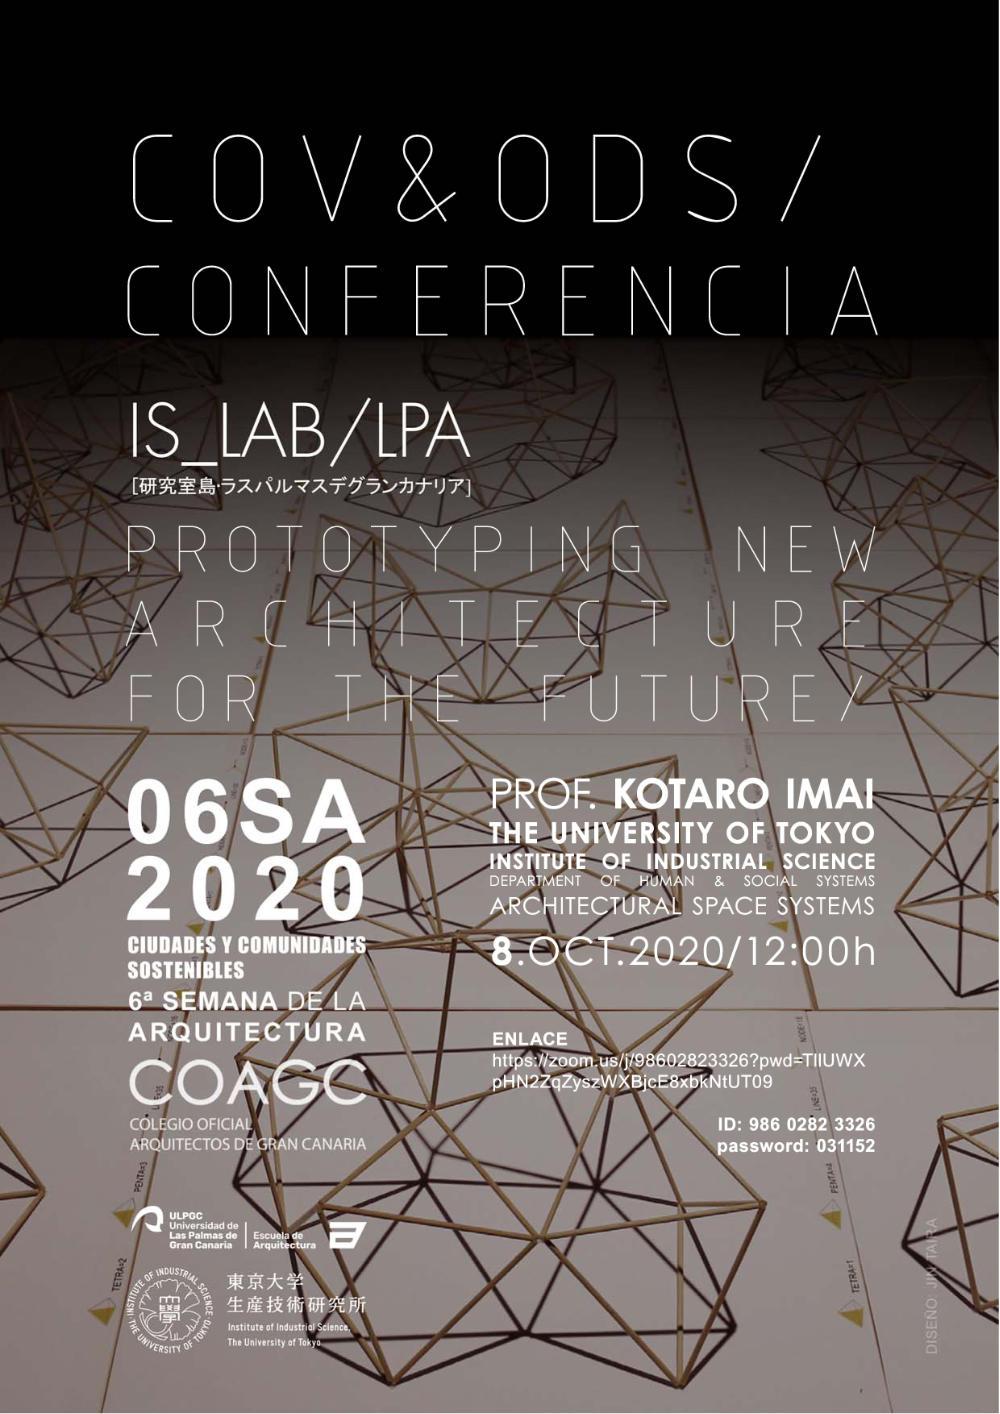 Conferencia 'Prototyping new architecture for the future' de Kotaro Imai